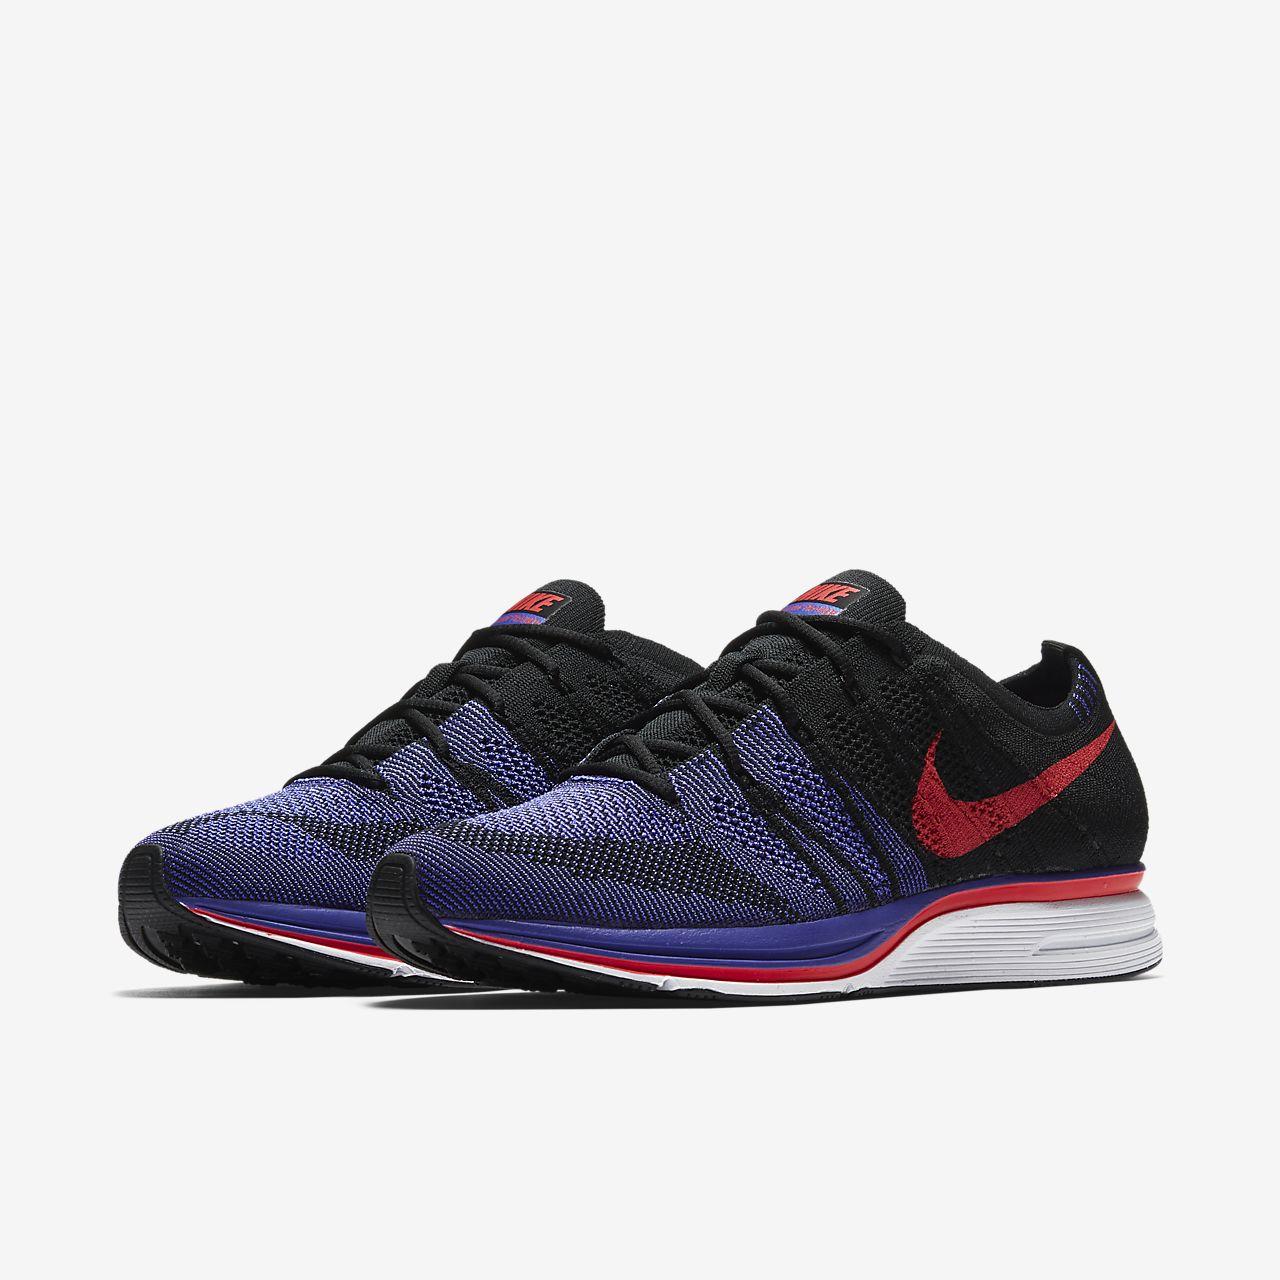 01600897b5083 Nike Flyknit Trainer Zapatillas - Unisex. Nike.com ES